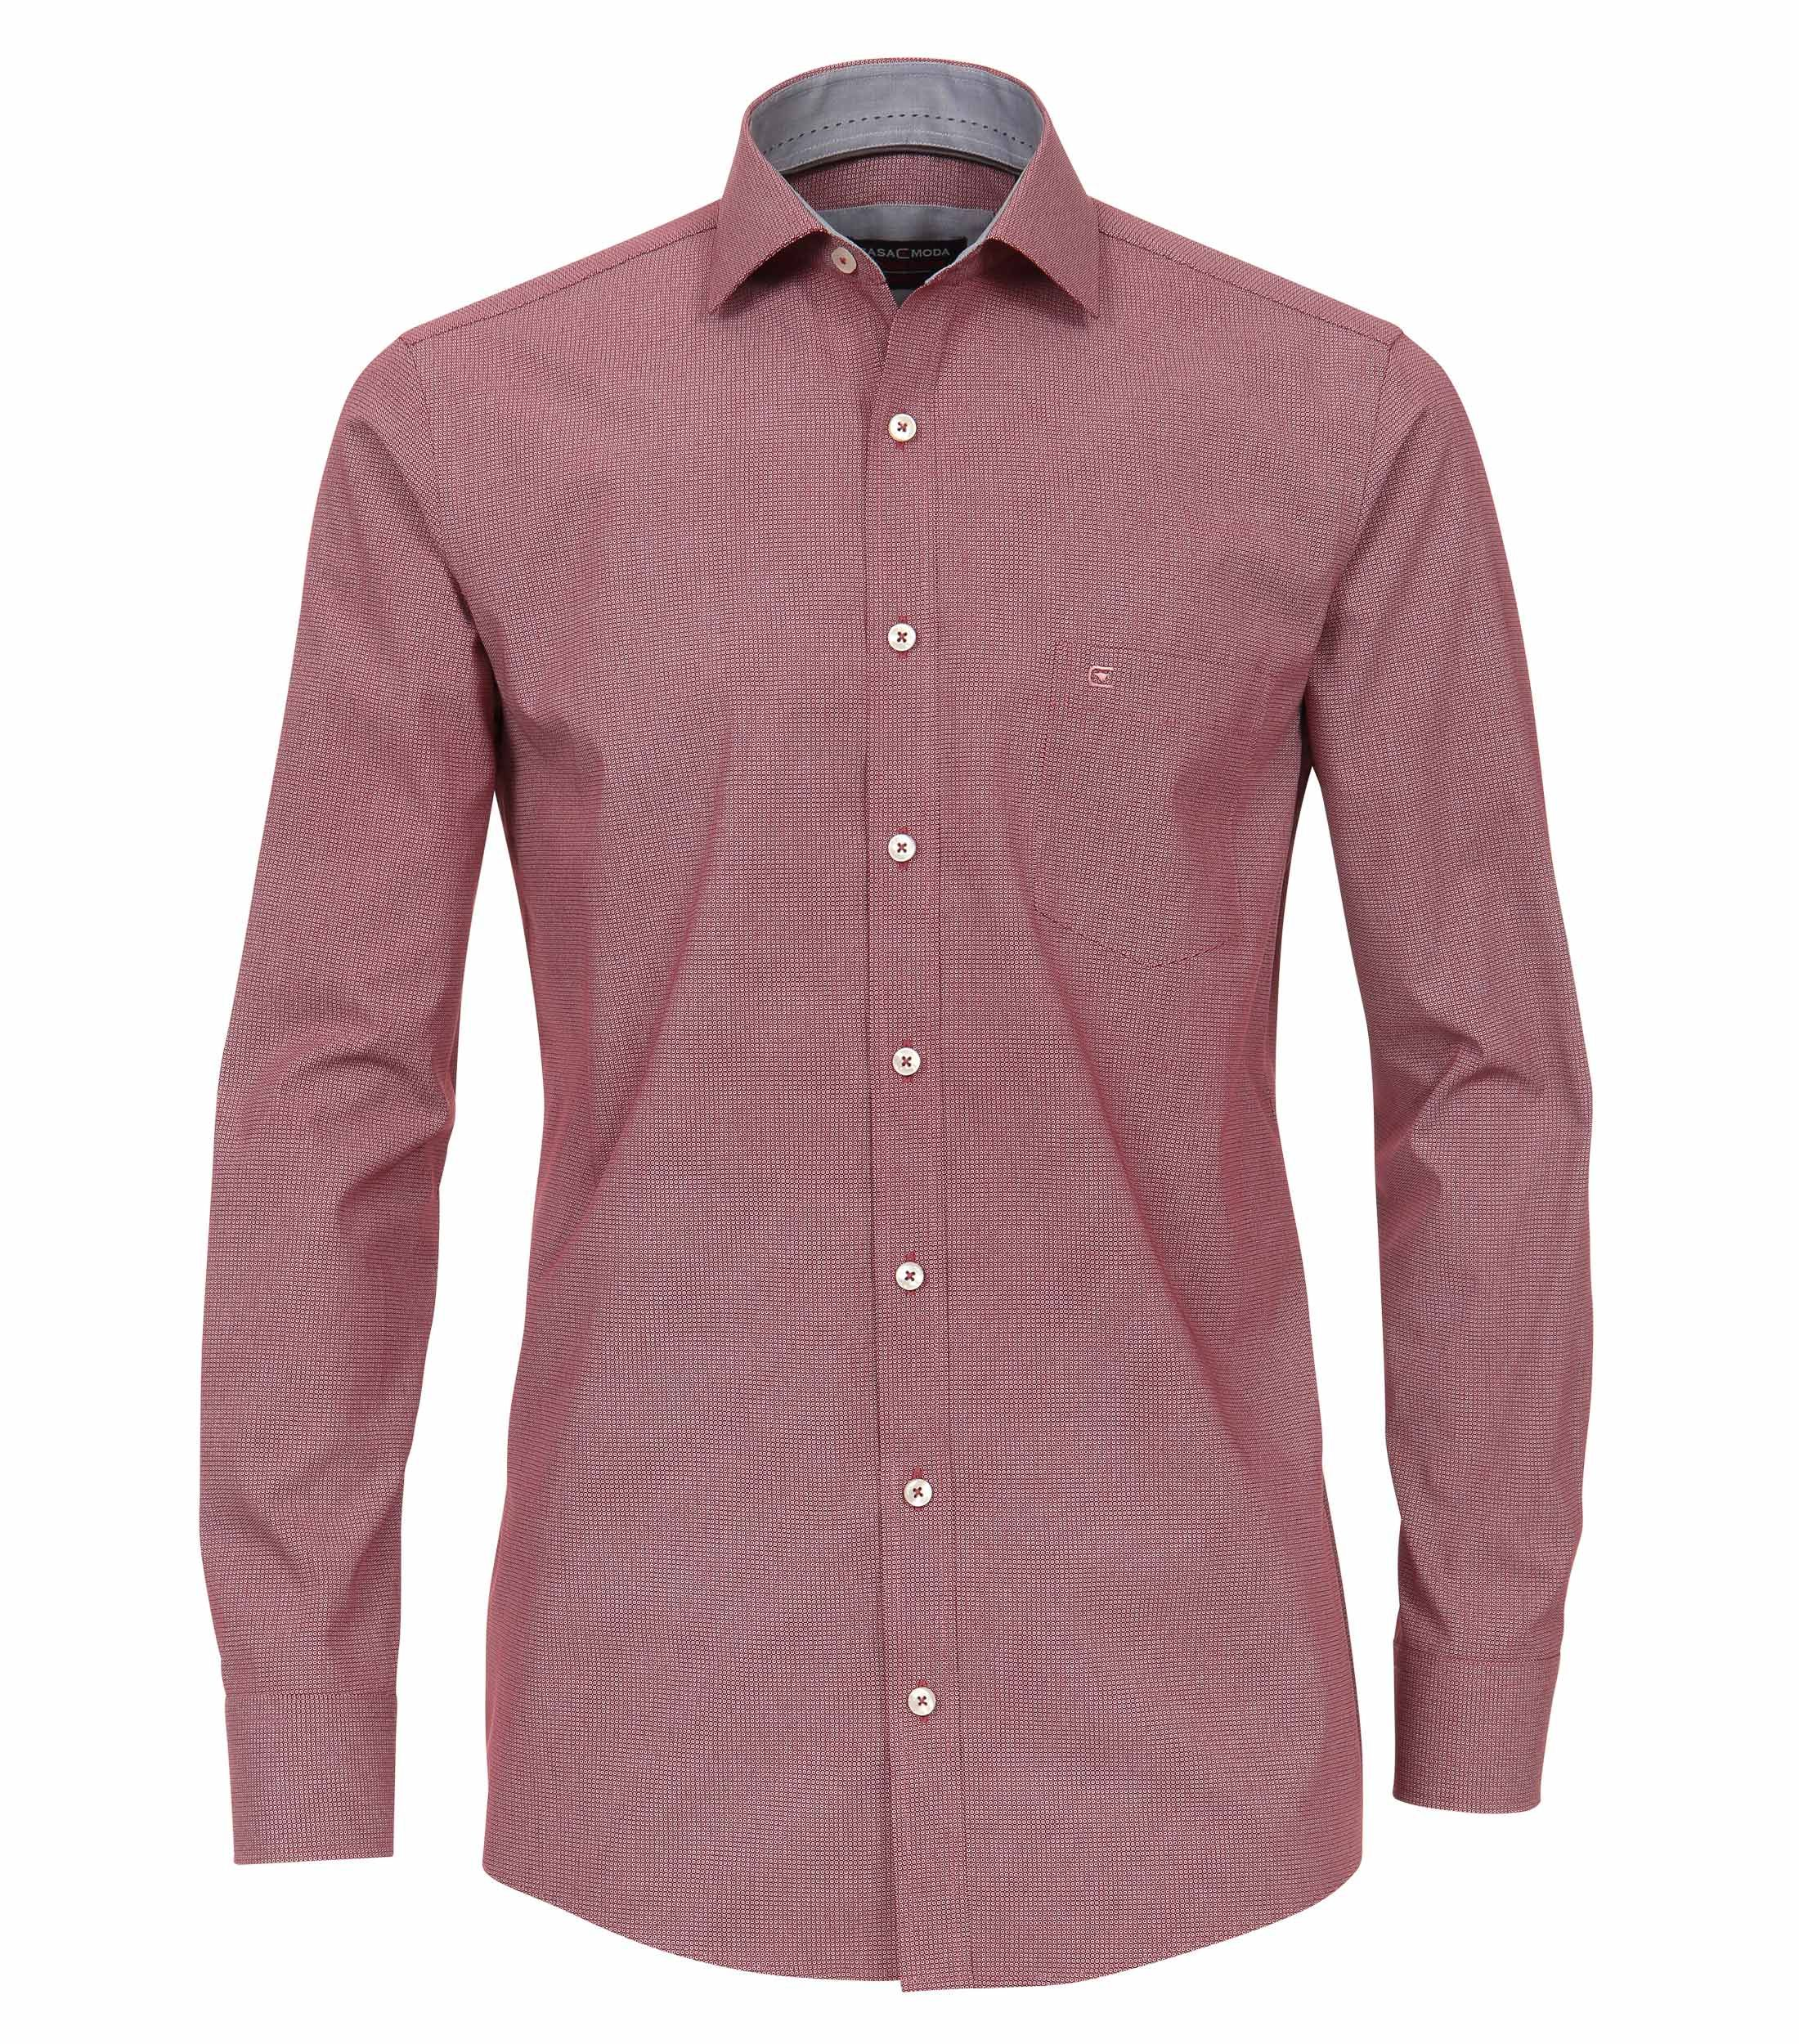 Het Overhemd.Lange Mouw Overhemd Met Mini Print In De Kleur Rood Van Het Merk